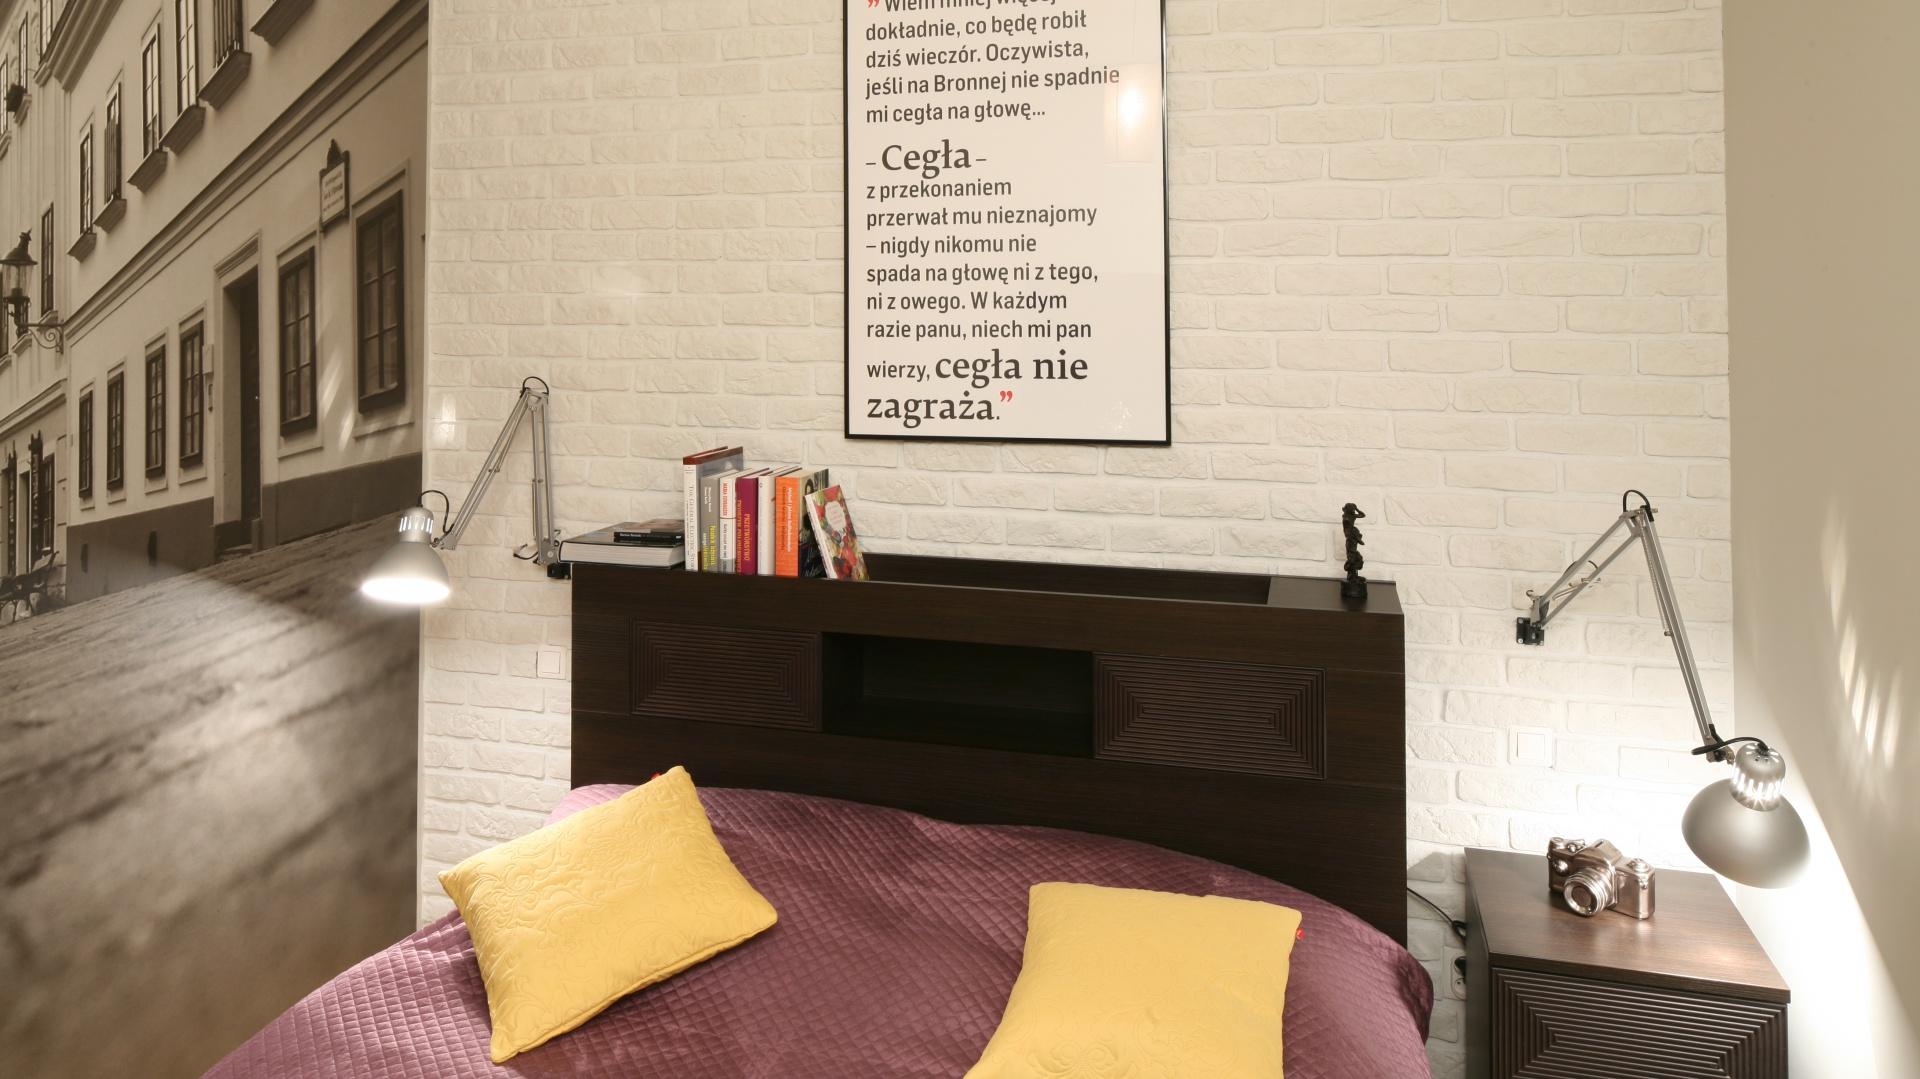 Niewielką sypialnię powiększa fototapeta z efektem głębi. Do jej stylu dopasowano cegłę na ścianie oraz meble. Tak stonowaną bazę łatwo można ożywić barwnymi dodatkami. Projekt: Iza Szewc. Fot. Bartosz Jarosz.